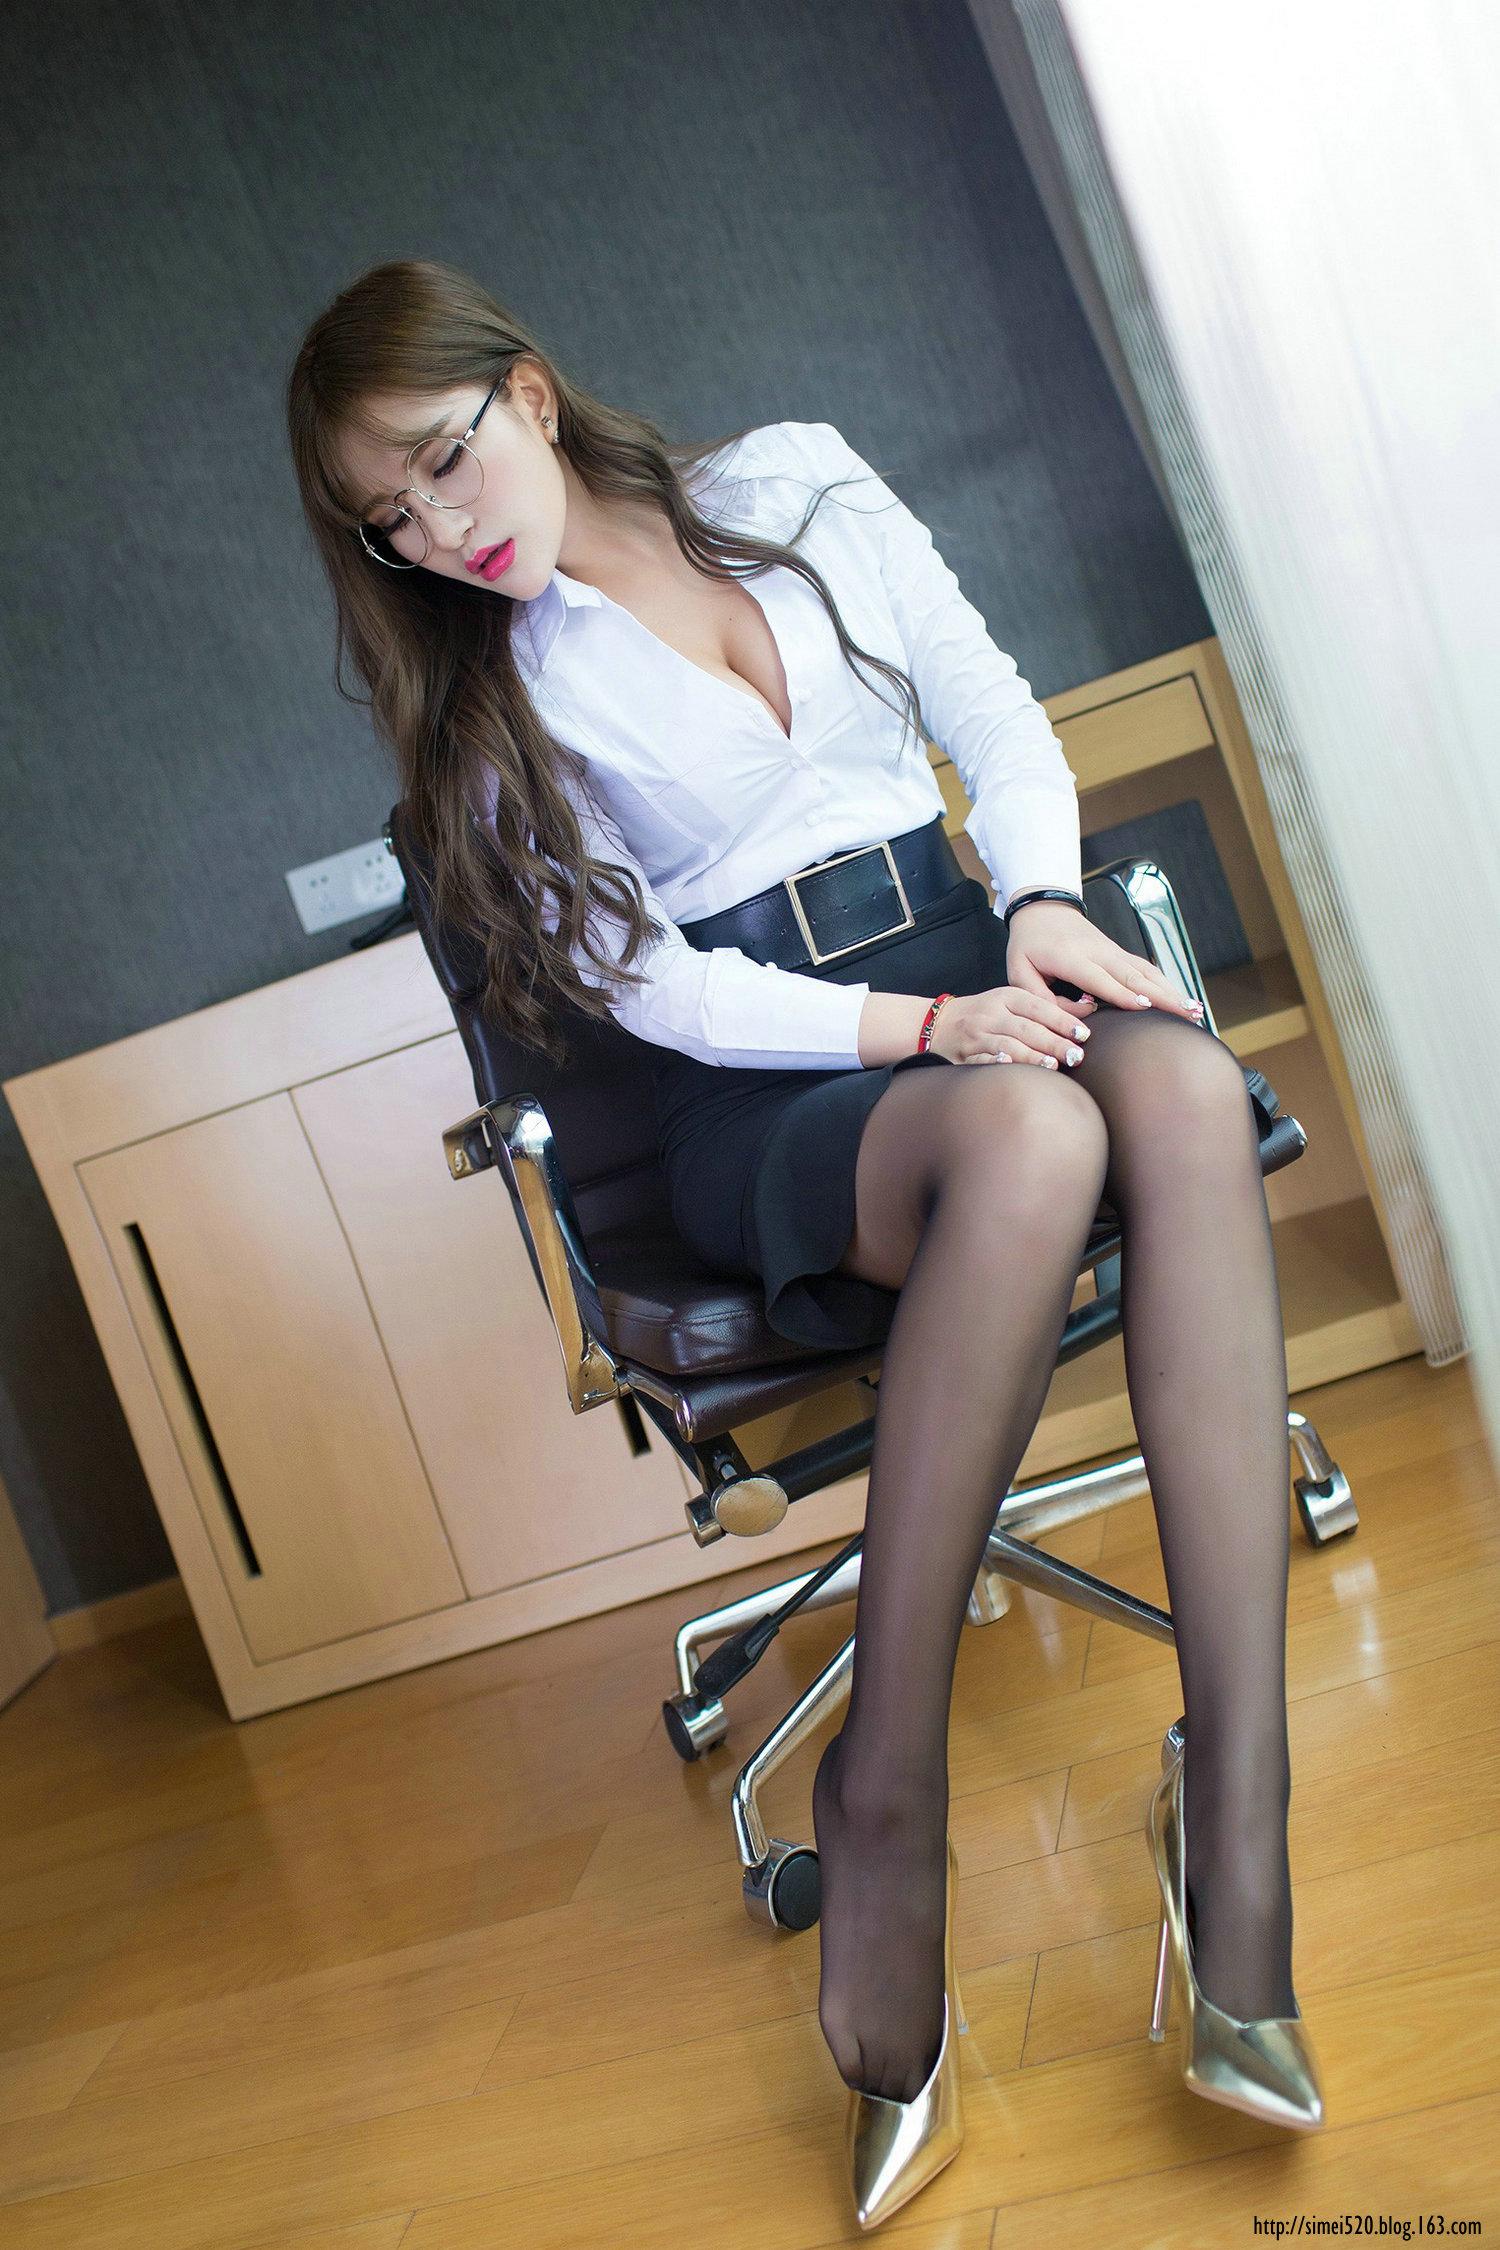 眼镜姑娘的黑丝袜 - 花開有聲 - 花開有聲